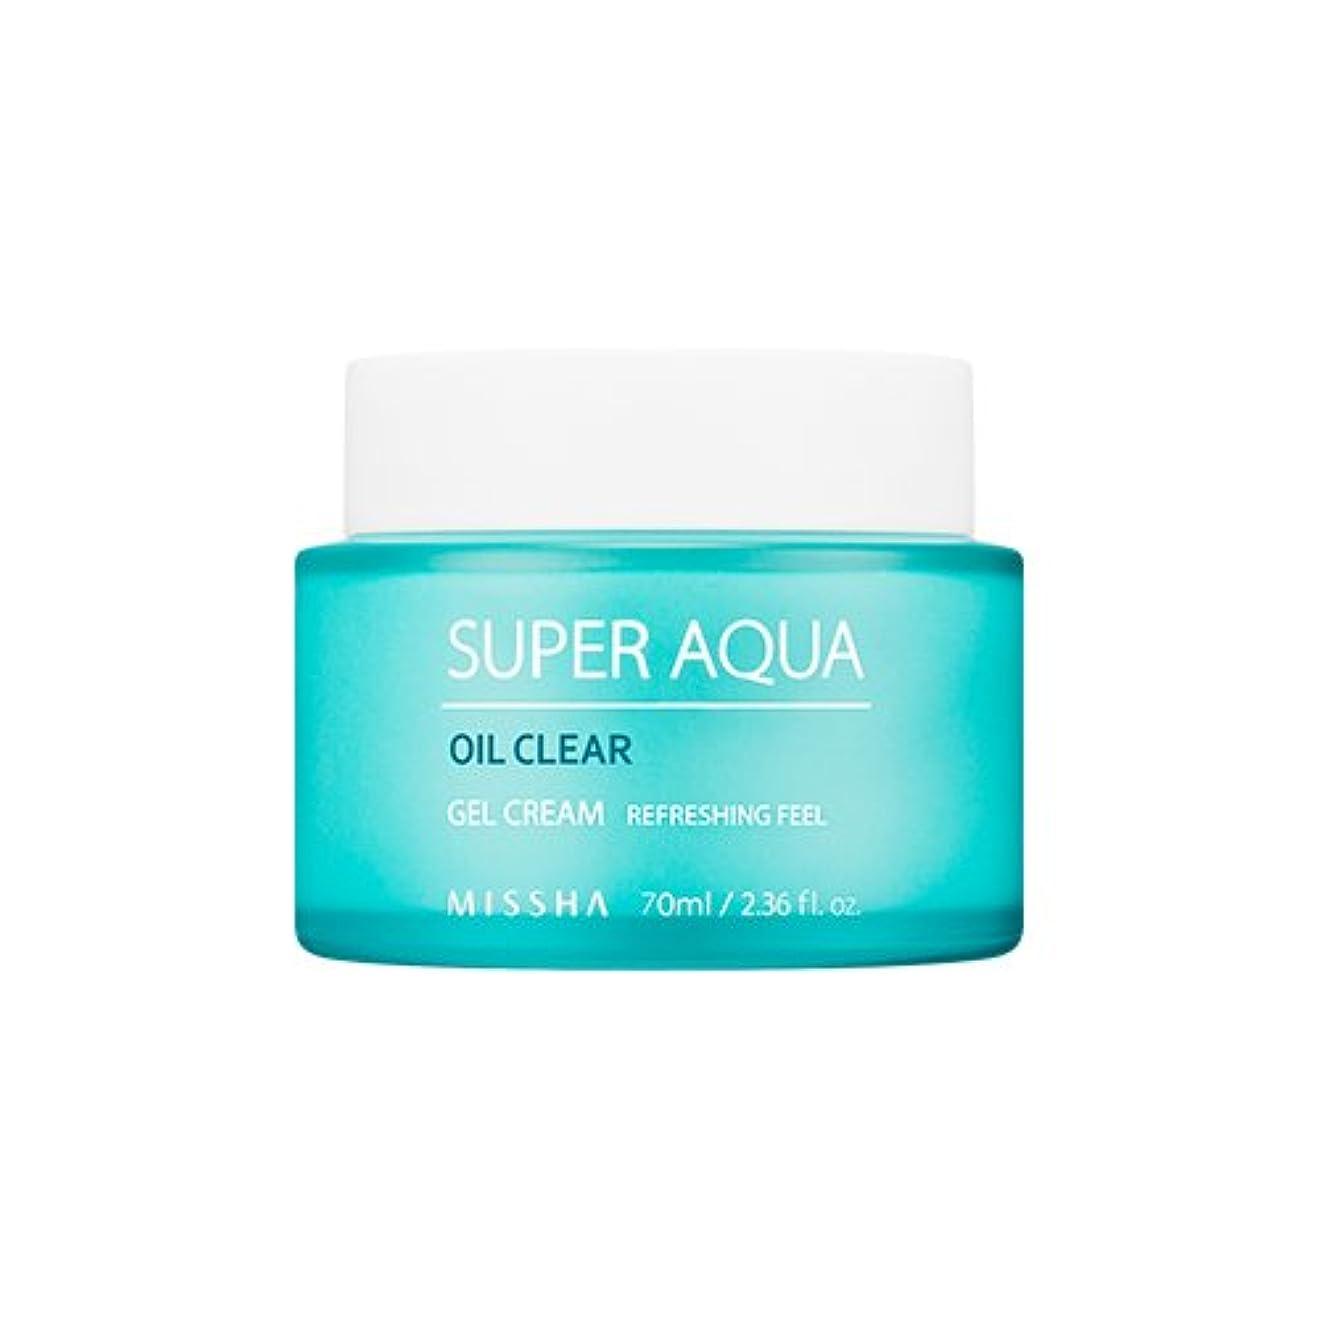 ほのかアピール計り知れないMISSHA Super Aqua Oil Clear Gel Cream 70ml/ミシャ スーパー アクア オイル クリア ジェル クリーム 70ml [並行輸入品]